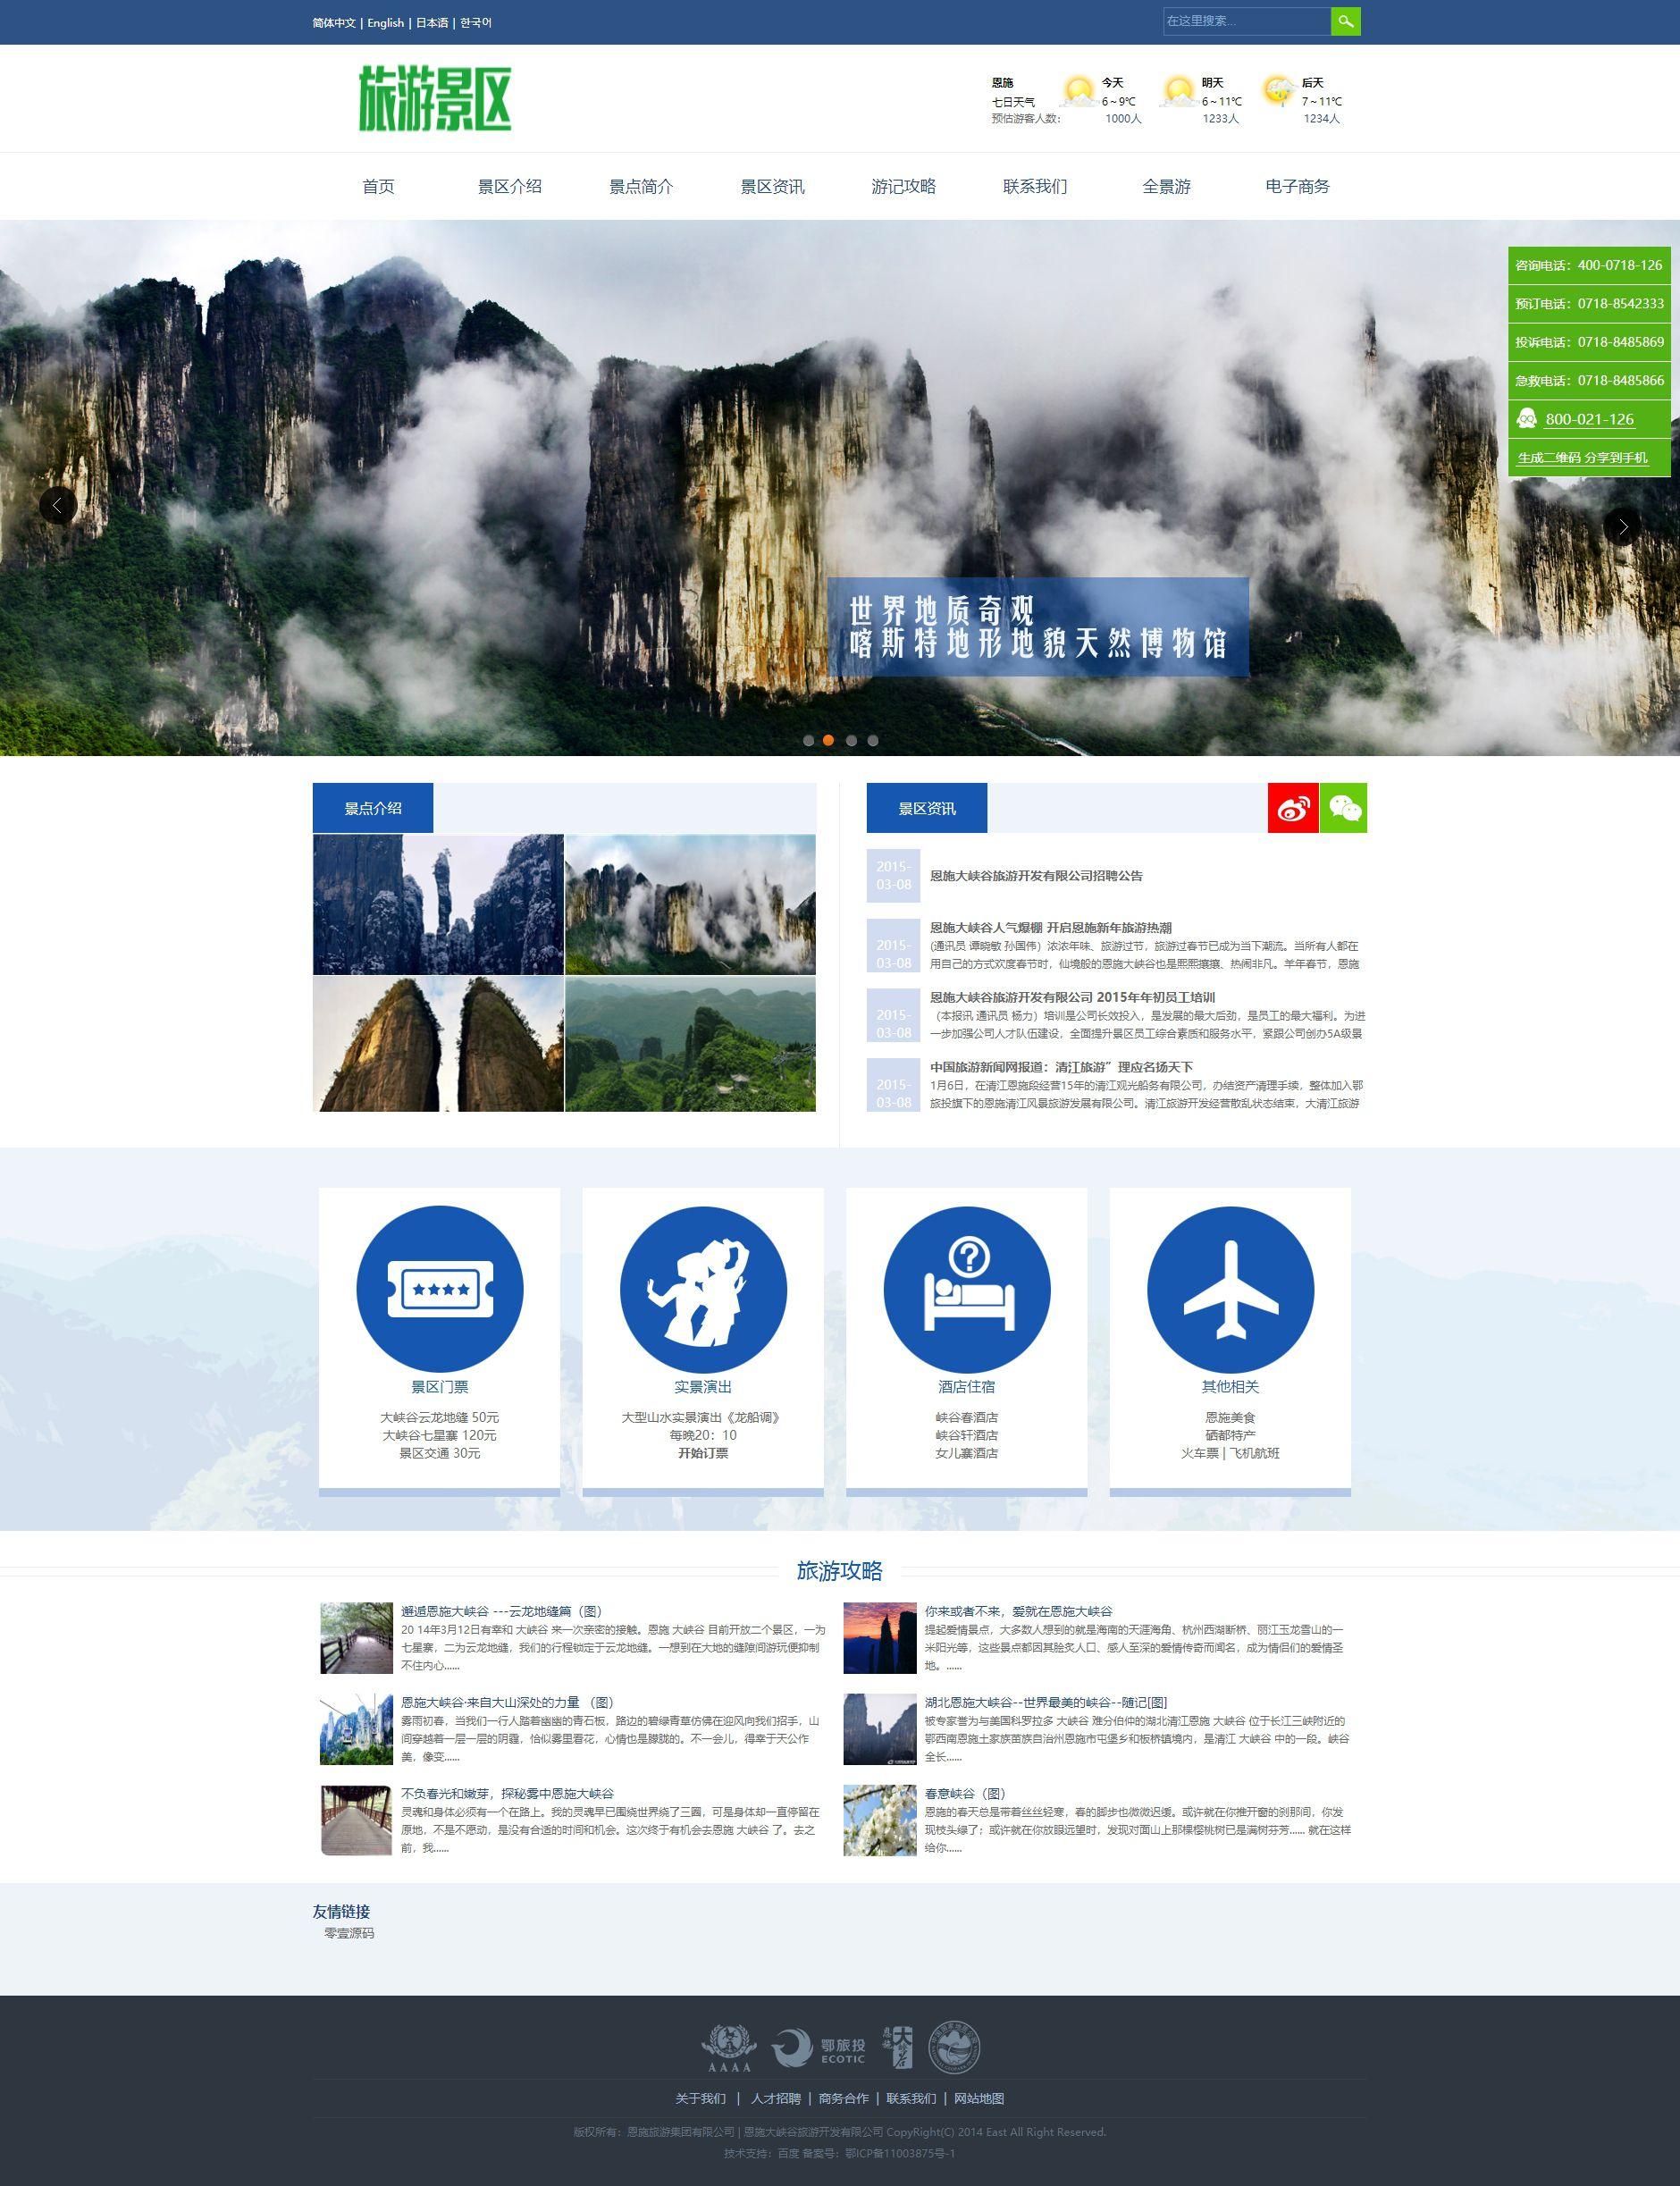 旅游景区景点旅游攻略类企业织梦dedecms模板